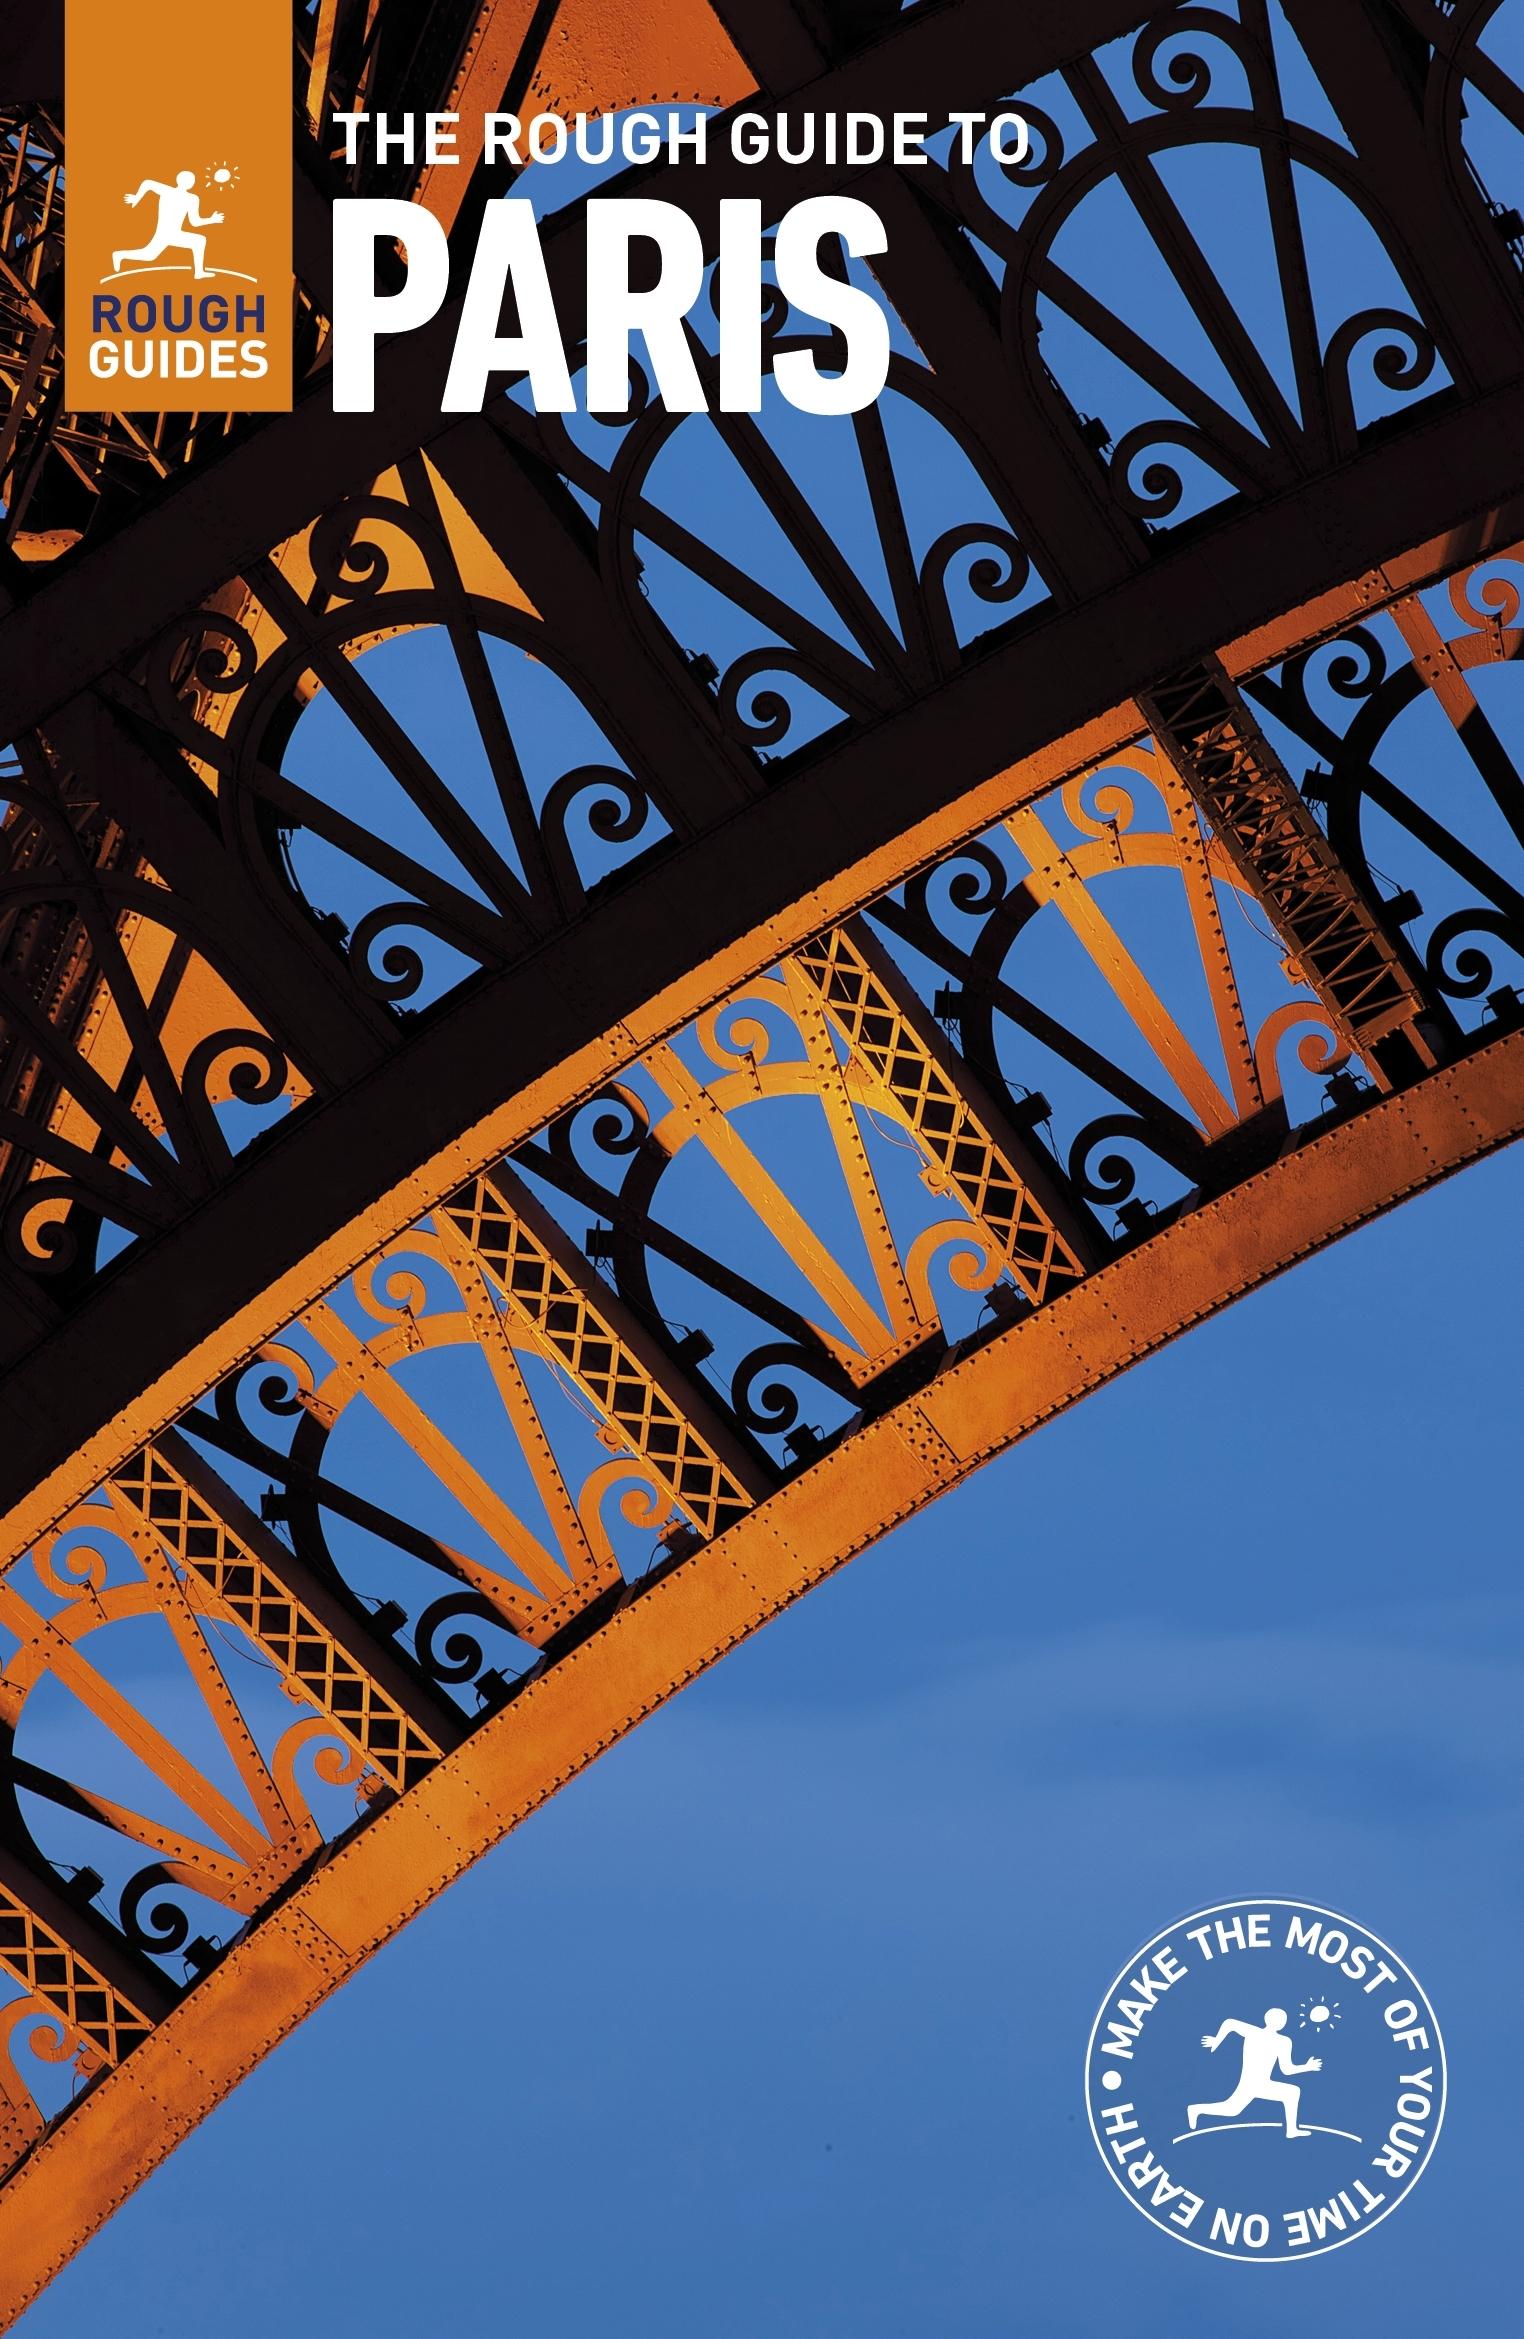 Rough Guide Paris 9780241306079  Rough Guide Rough Guides  Reisgidsen Parijs, Île-de-France